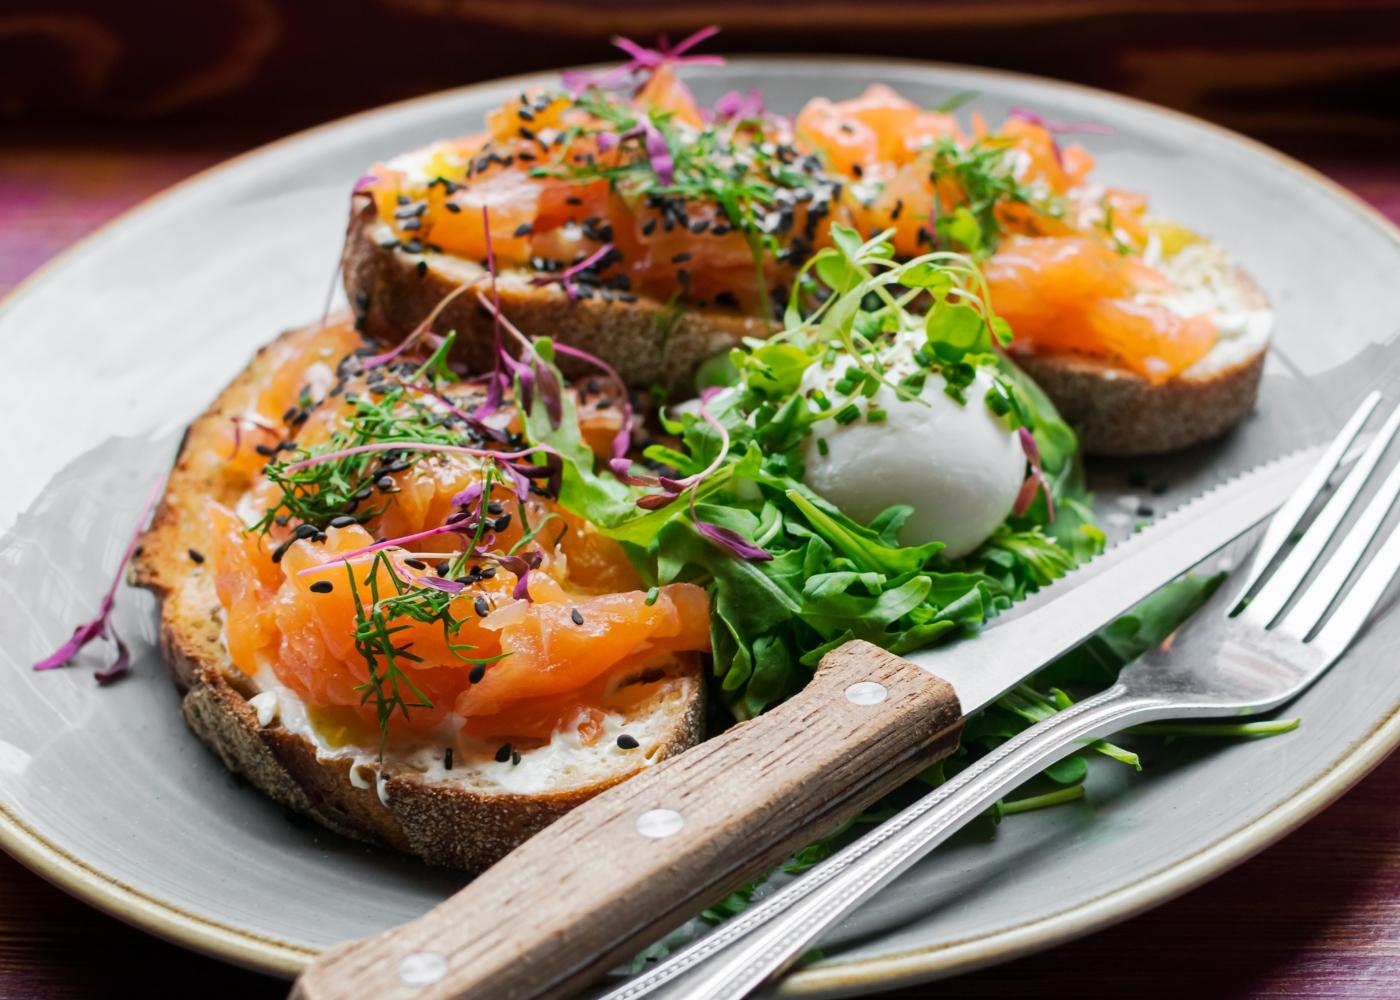 Prato com bruschettas de salmão fumado e ovo cozido